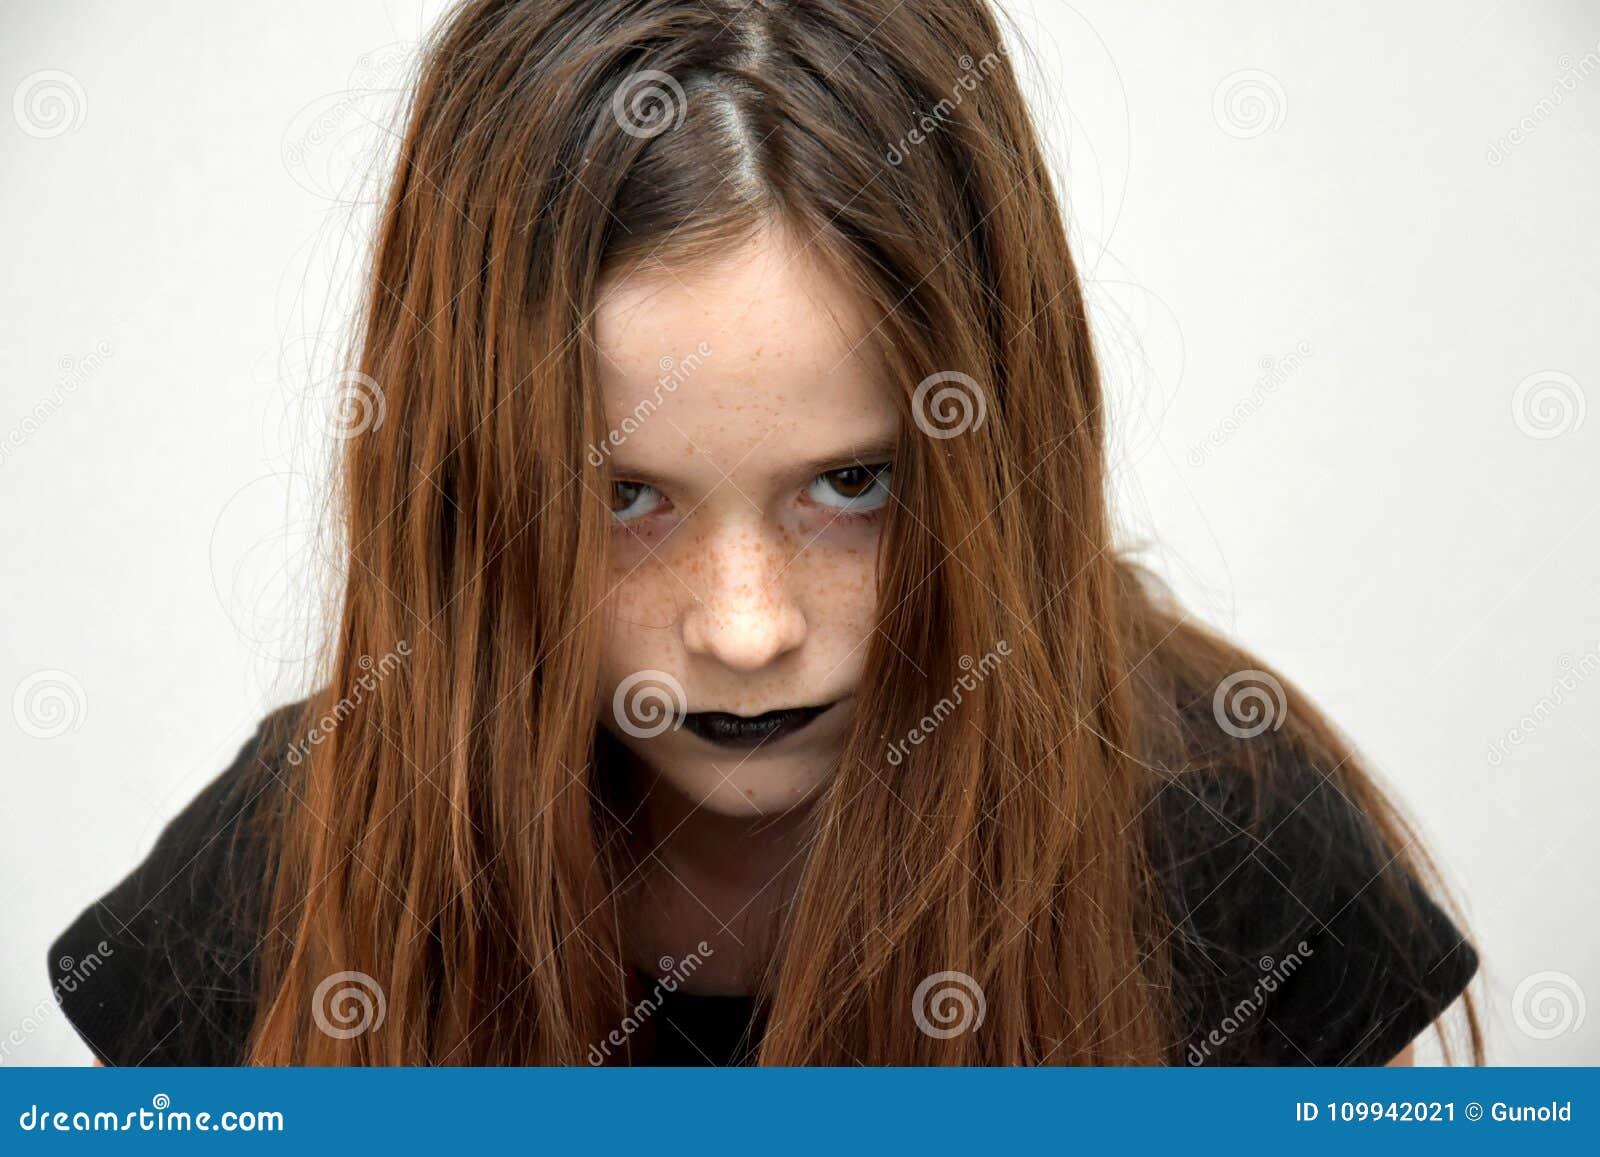 Девочка-подросток в готическом стиле смотря очень сердитый